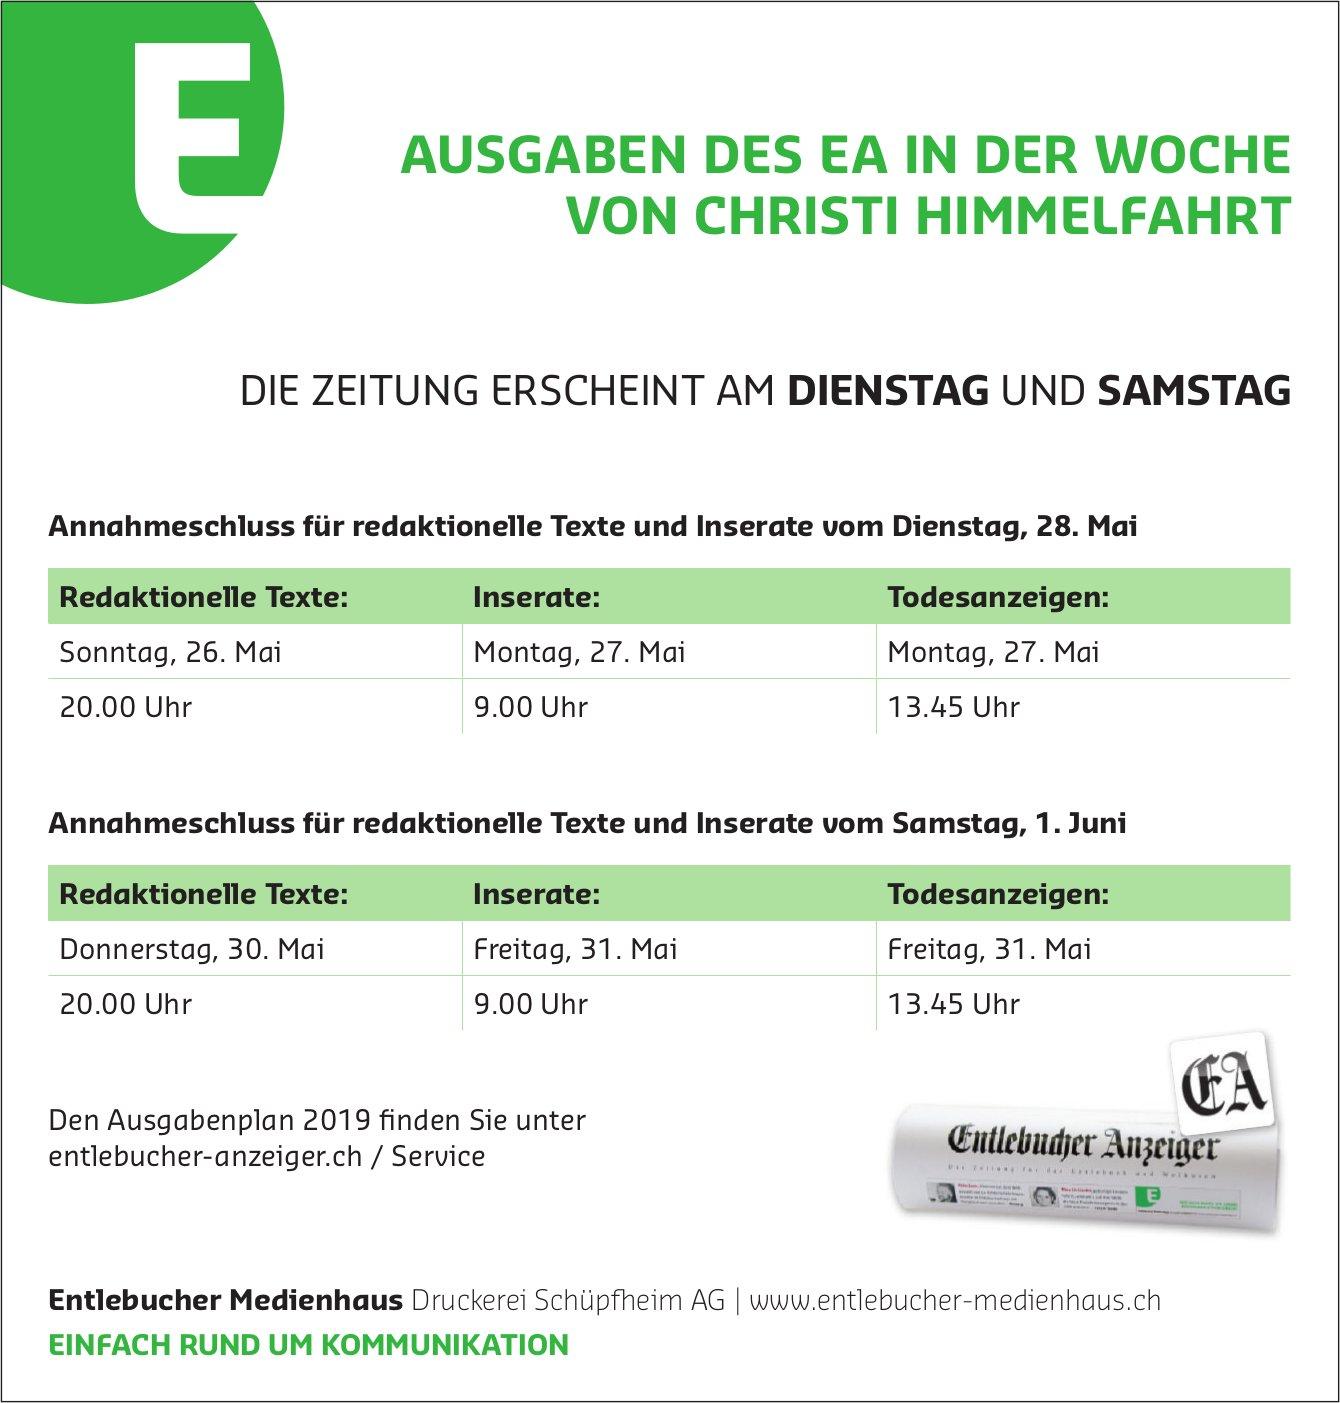 Entlebucher Medienhaus - AUSGABEN DES EA IN DER WOCHE VON CHRISTI HIMMELFAHRT